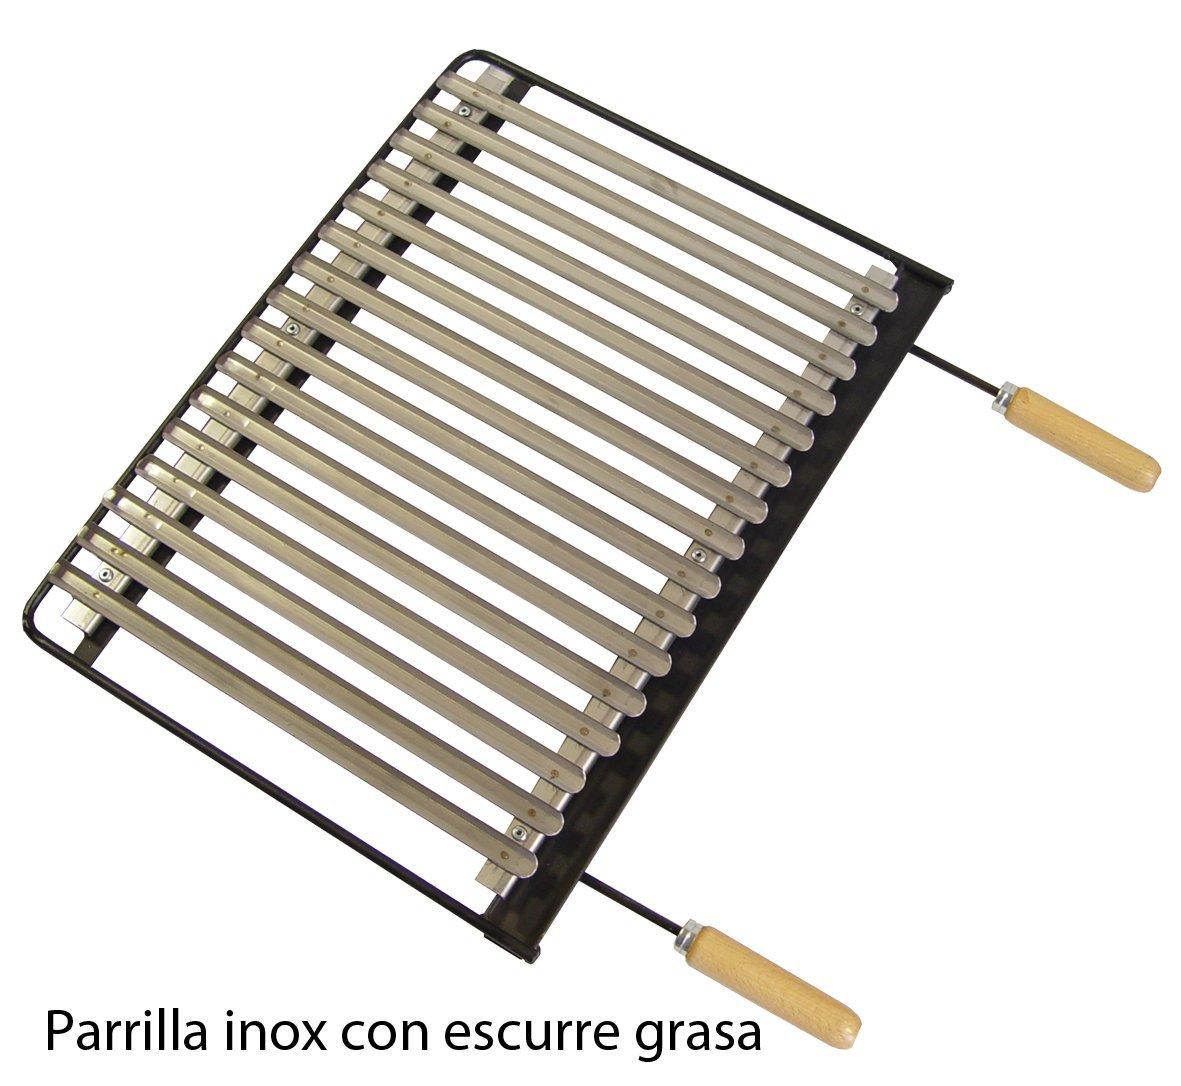 61 x 40 x 100 cm Imex El Zorro 71536 color negro Barbacoa con elevador y parrilla inox